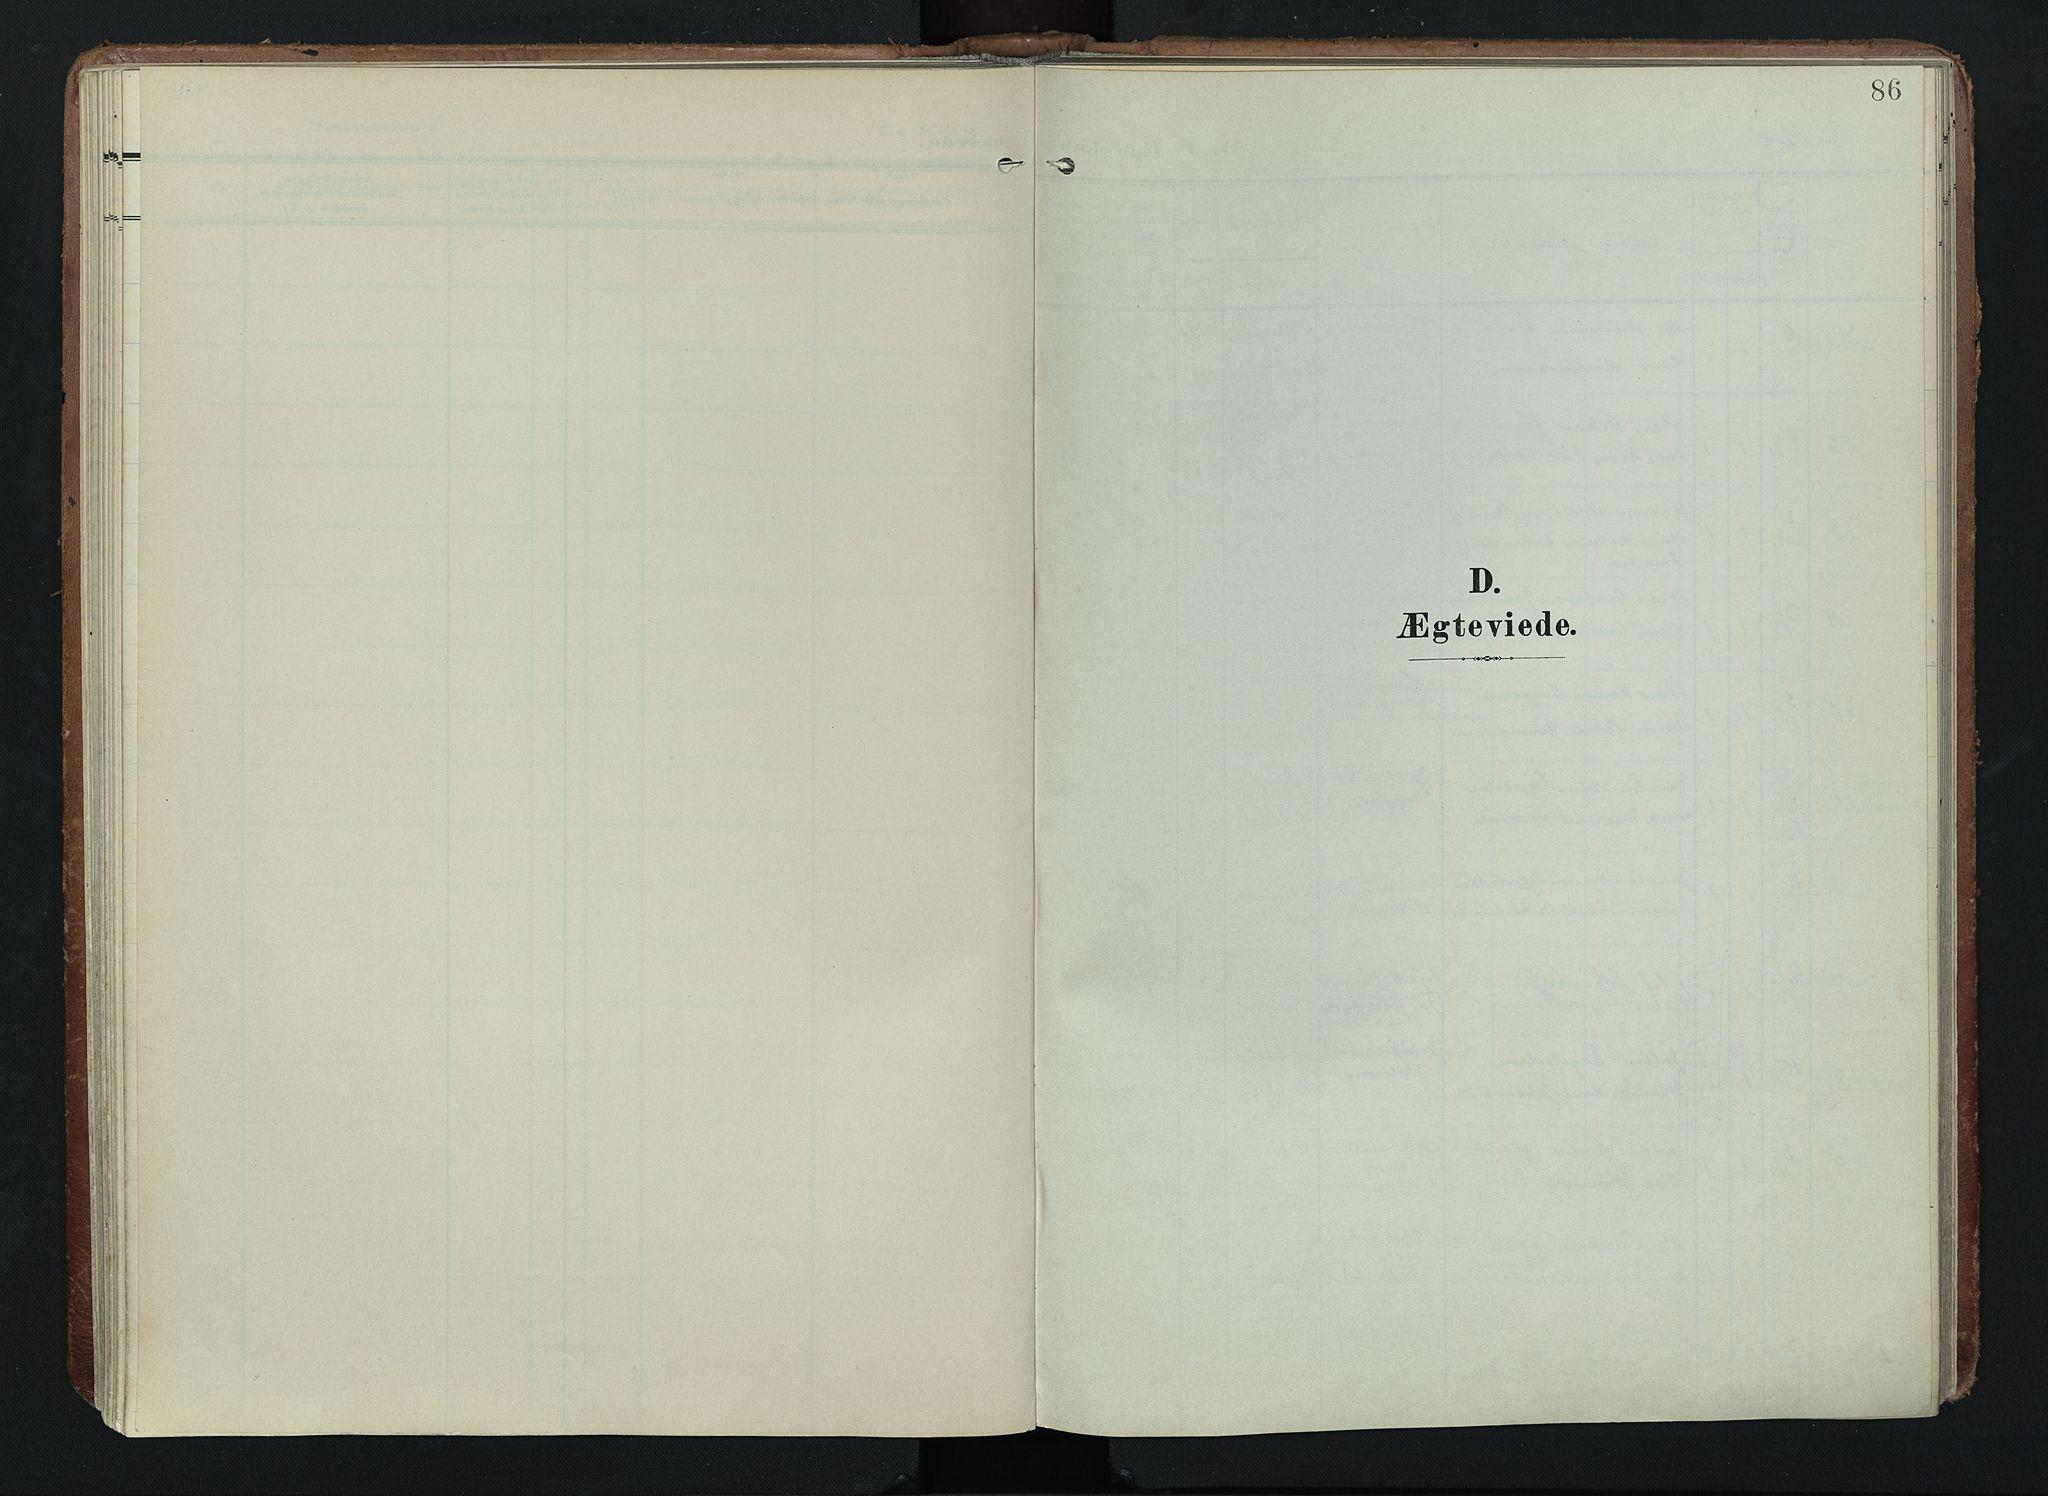 SAH, Søndre Land prestekontor, K/L0005: Ministerialbok nr. 5, 1905-1914, s. 86